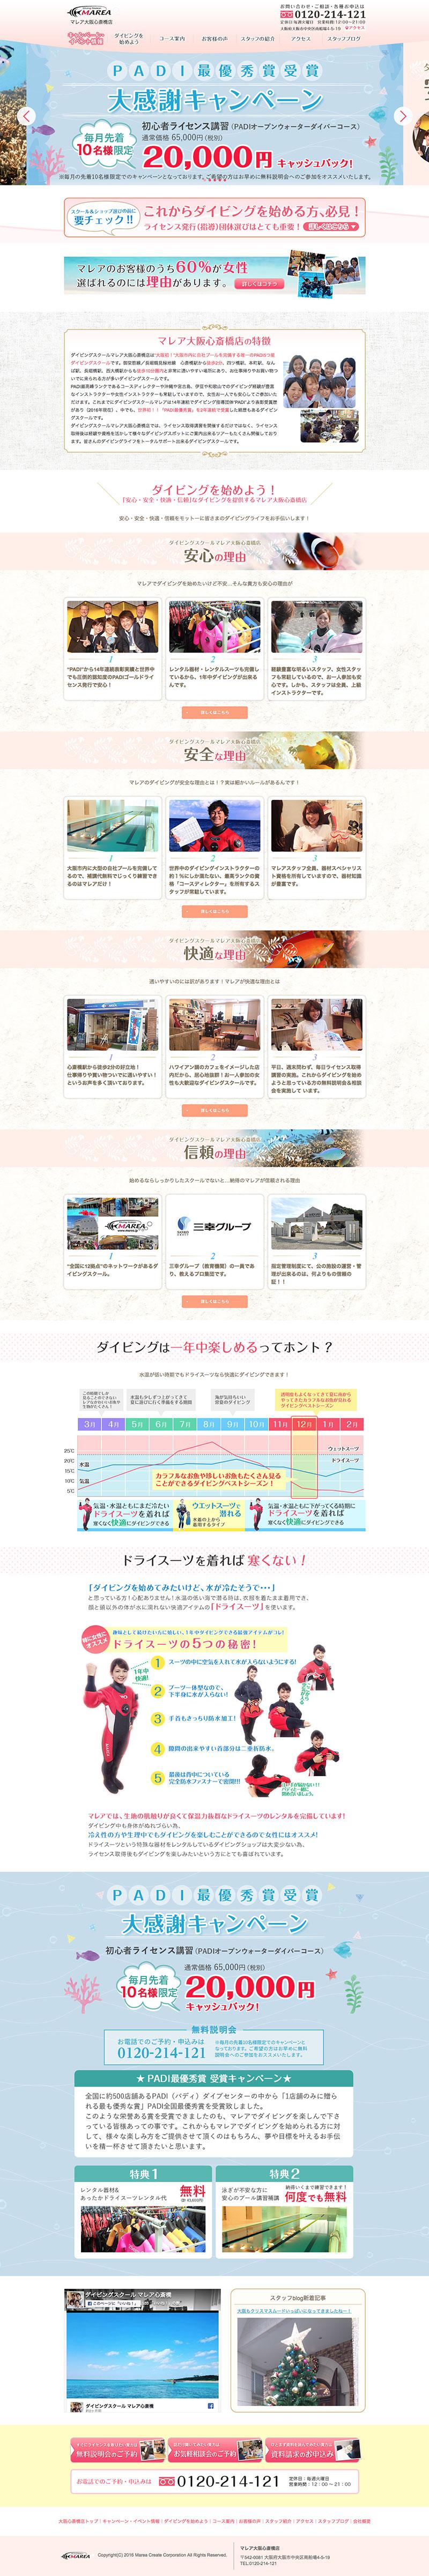 株式会社マレアクリエイト マレア心斎橋店